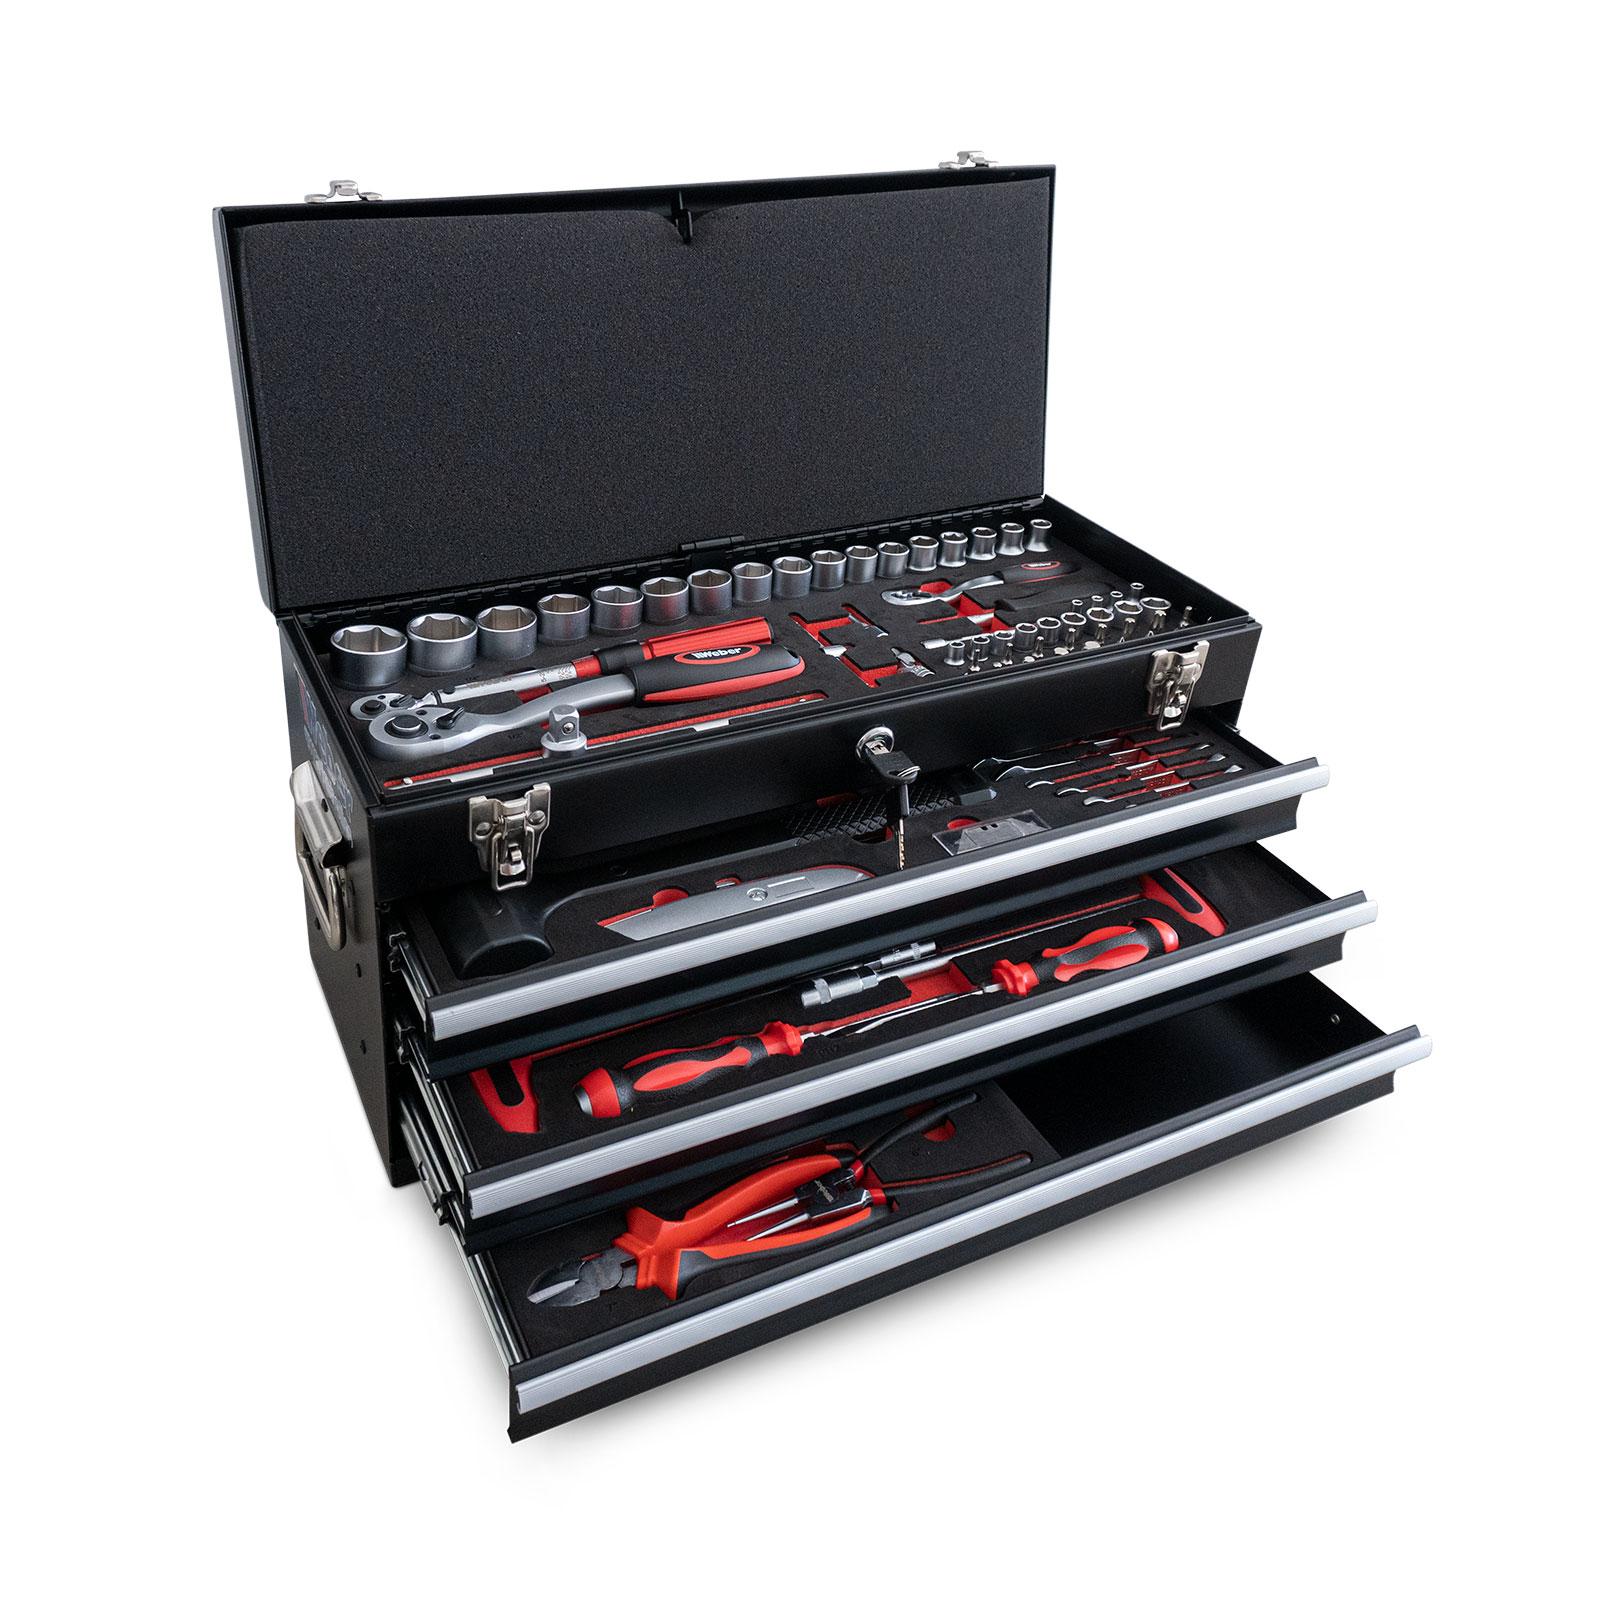 Werkzeugkiste mit 3 Schubladen und Klappdeckel 104-teilig